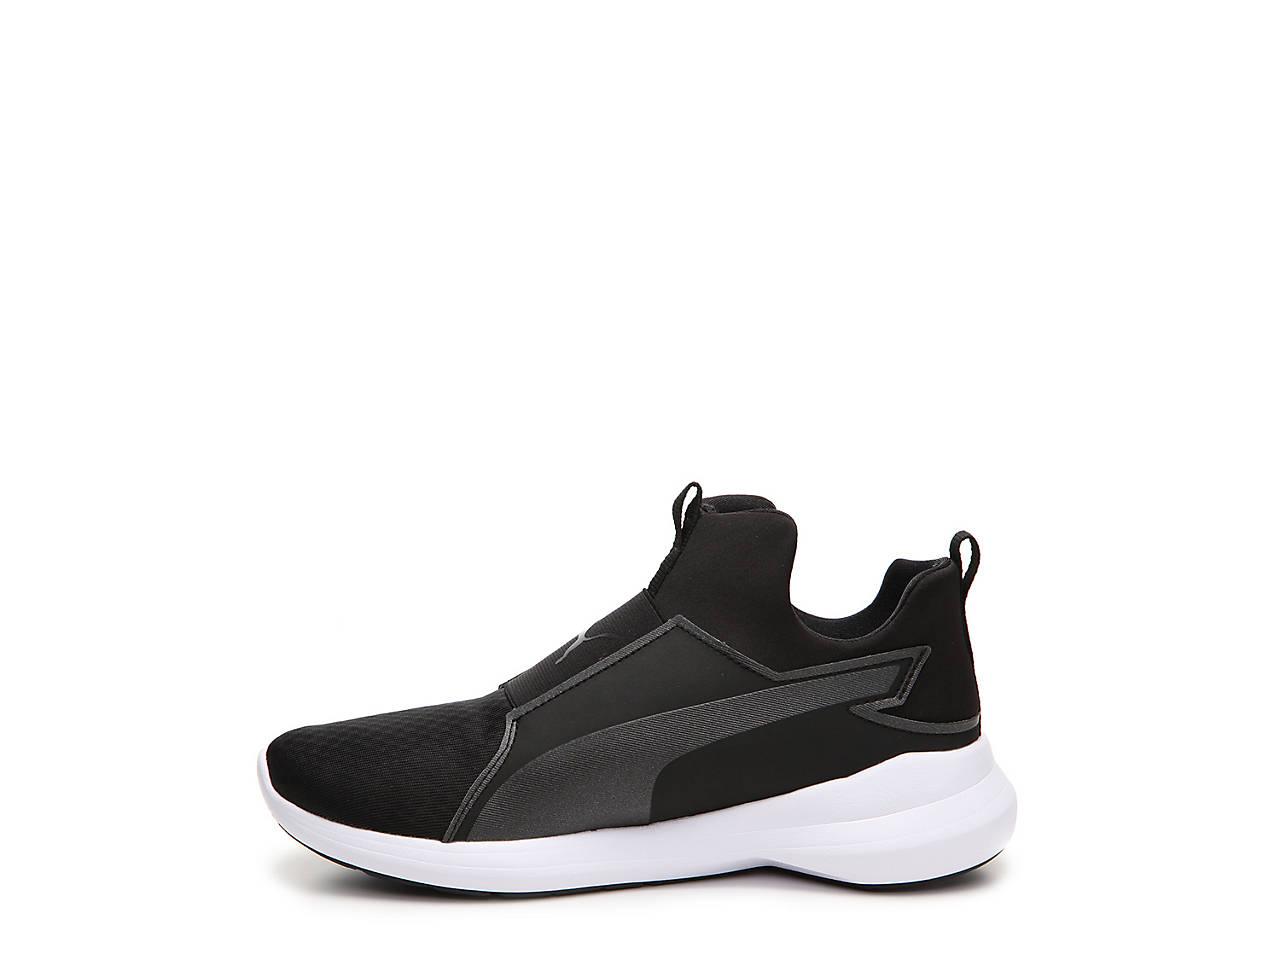 e1bbee3860f0 Puma Rebel JR Youth Sneaker Kids Shoes